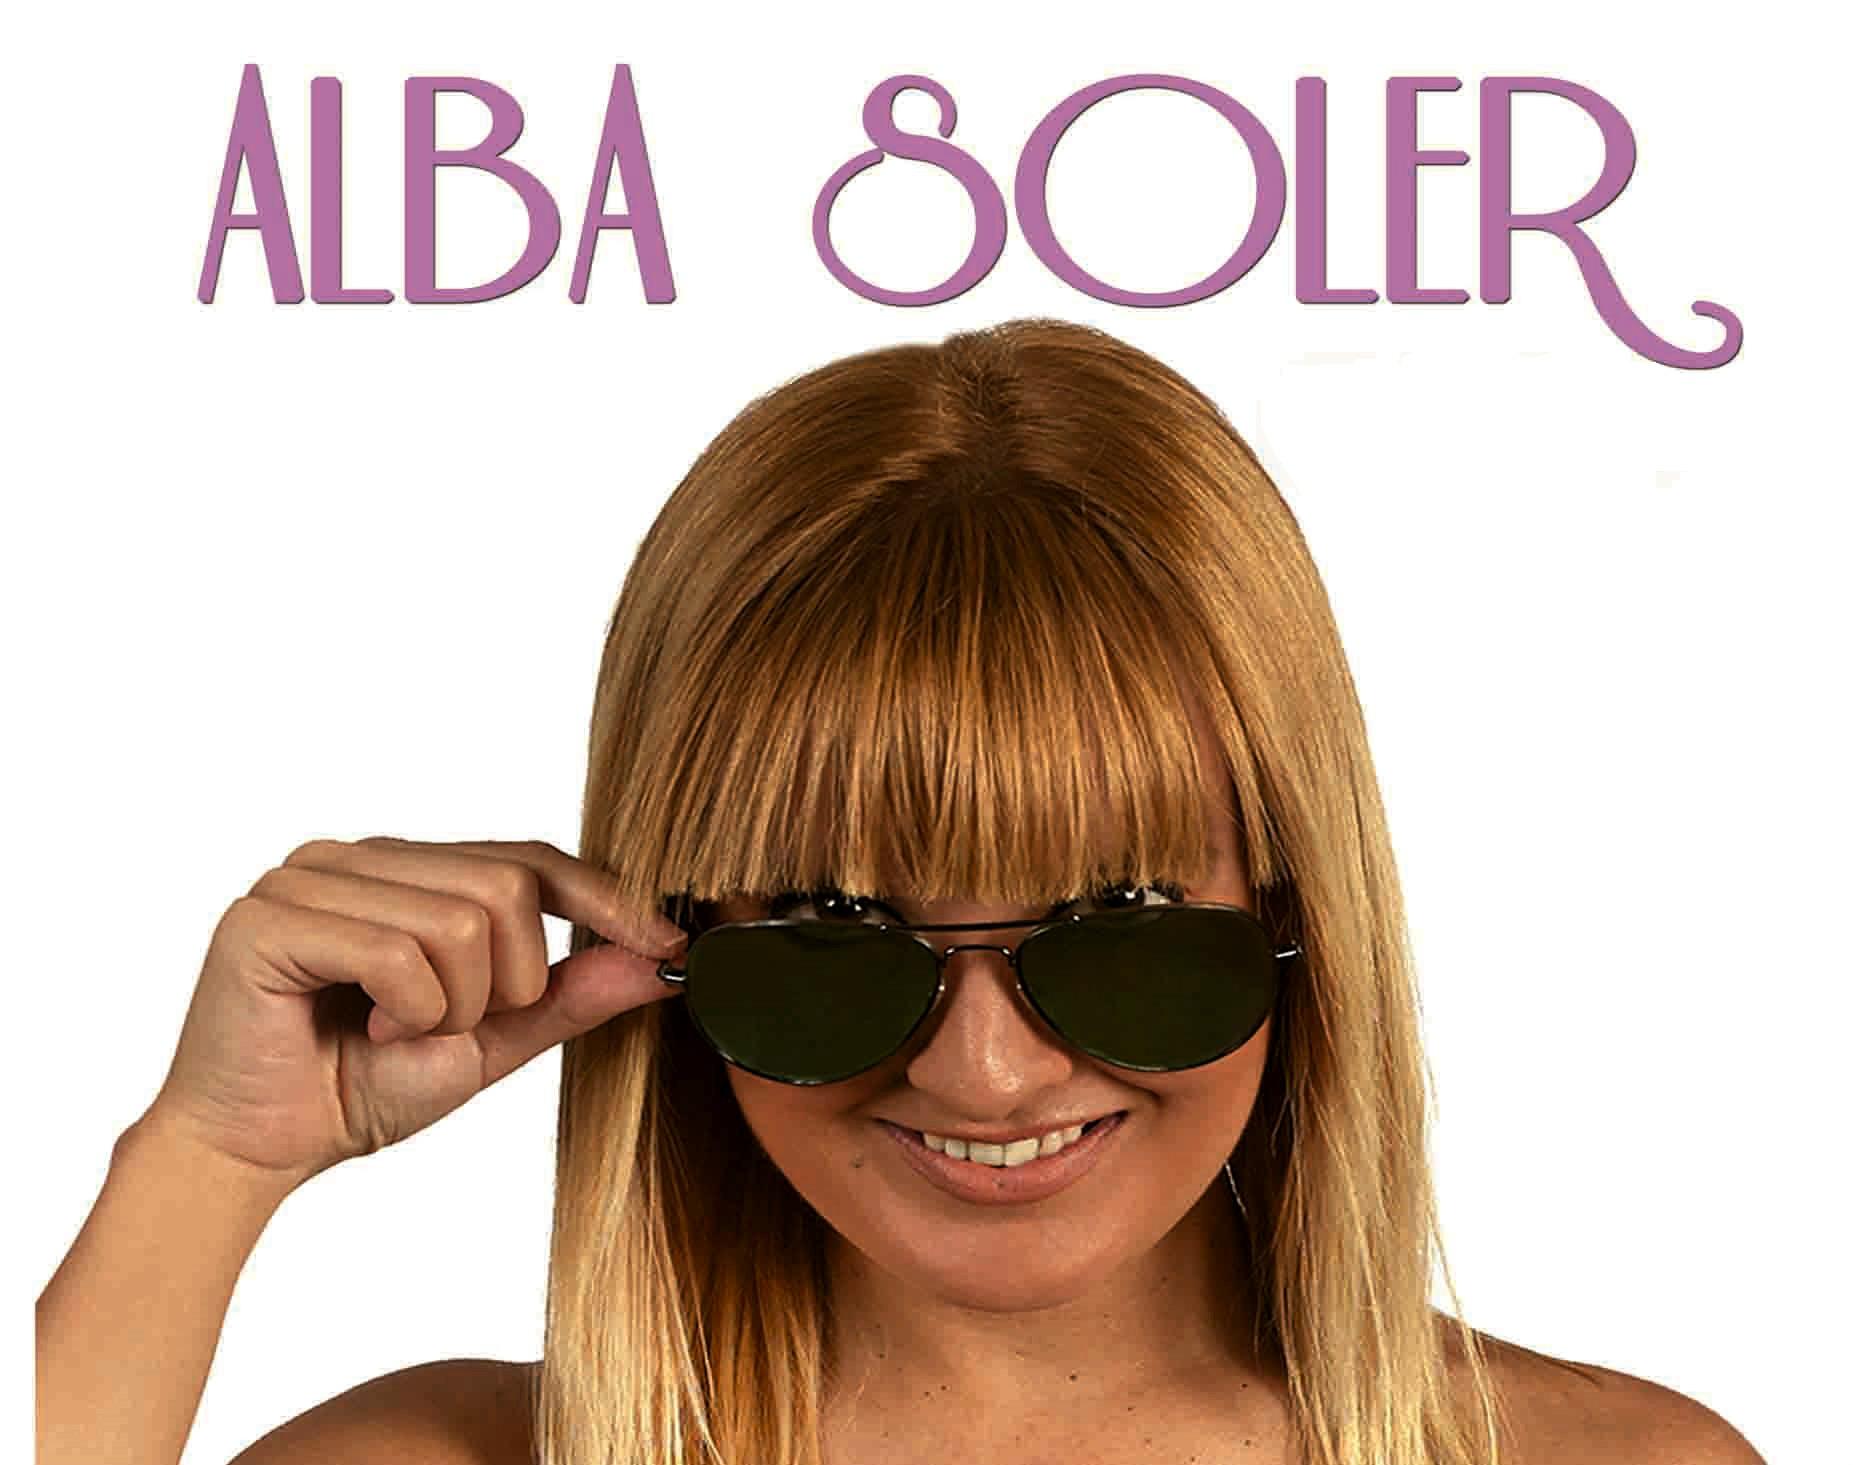 Alba Soler: estrena sencillo dedicado a Mamá